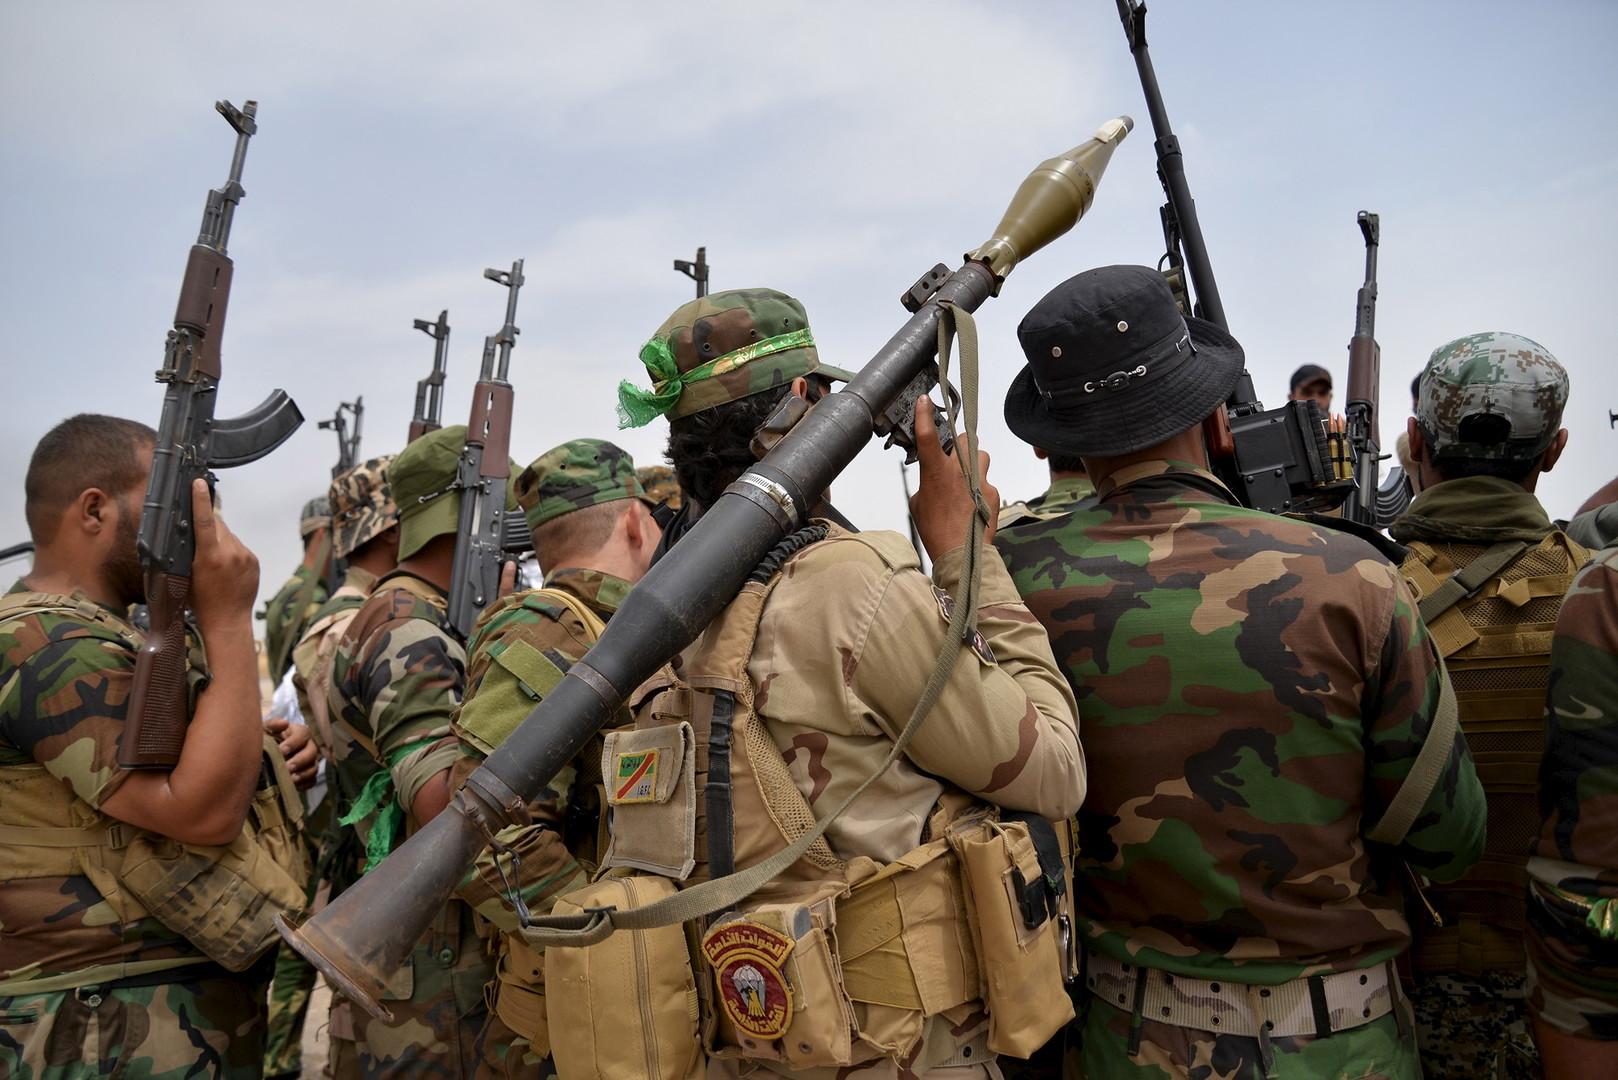 وفاة قيادي في الحشد الشعبي بعد تعرضه للتعذيب على يد الشرطة العراقية